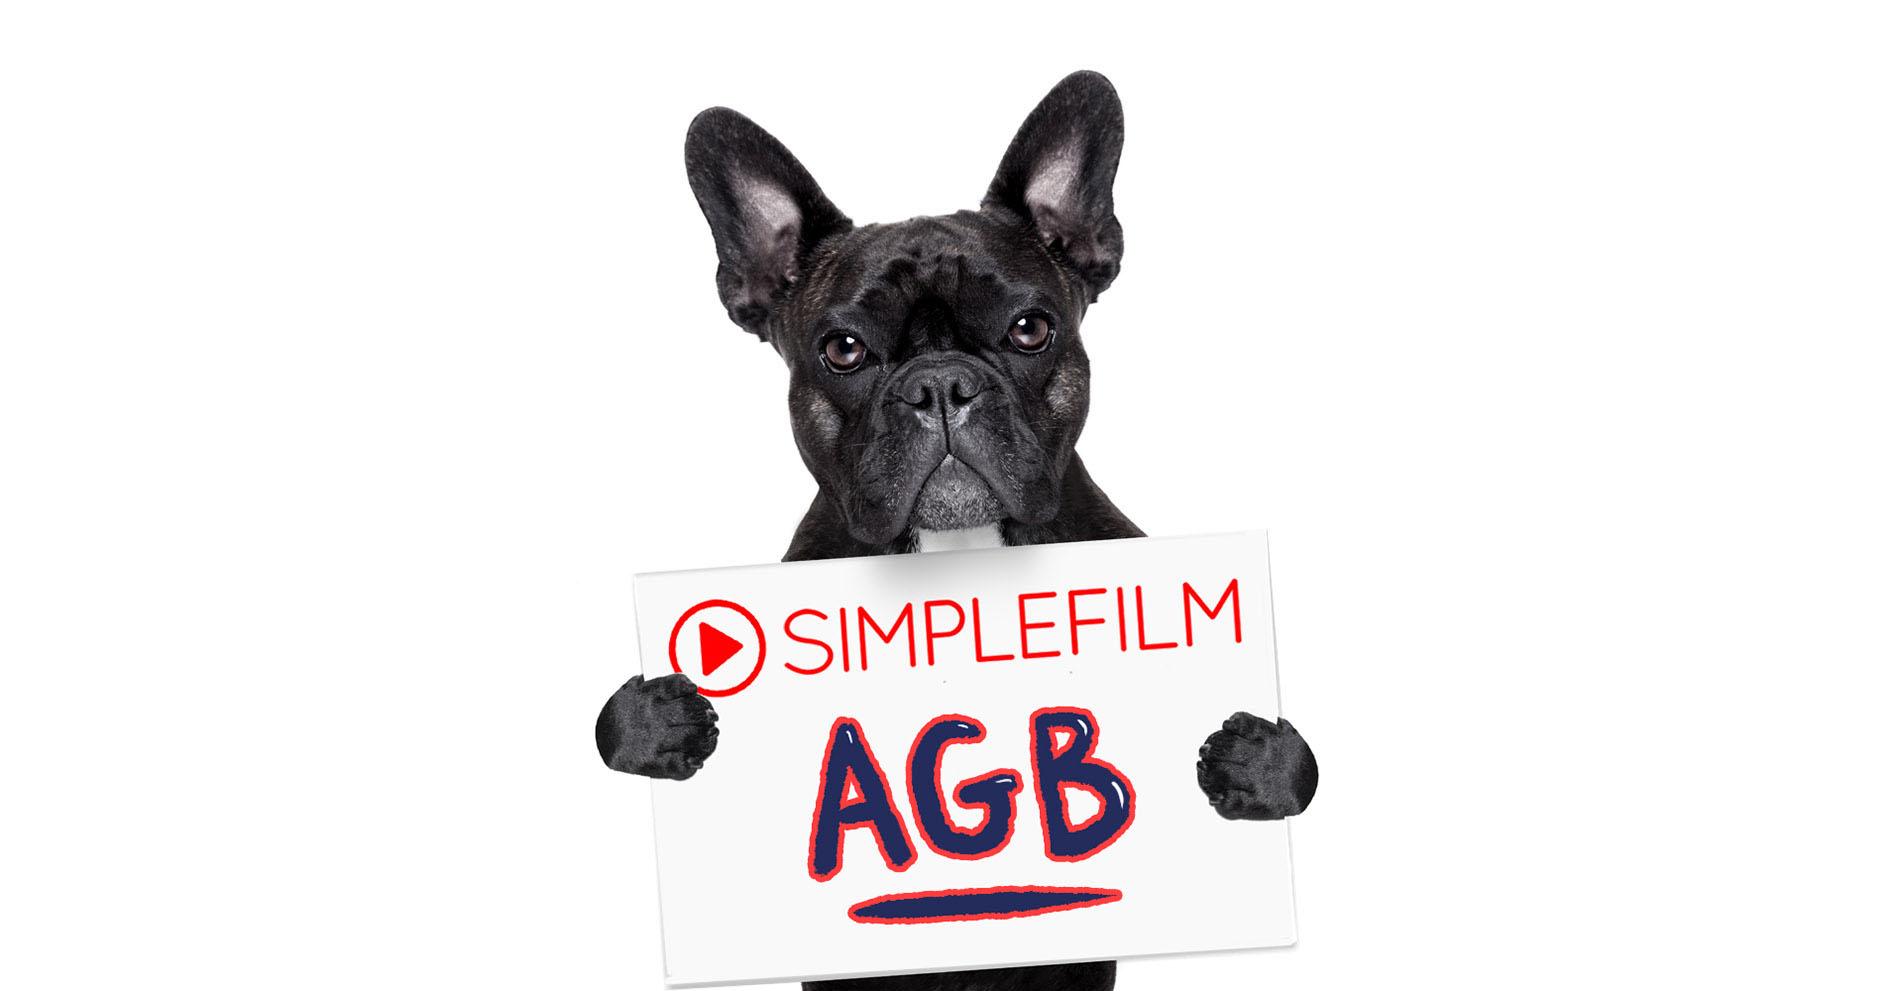 AGB`s von Simplefilm - Film-Agentur